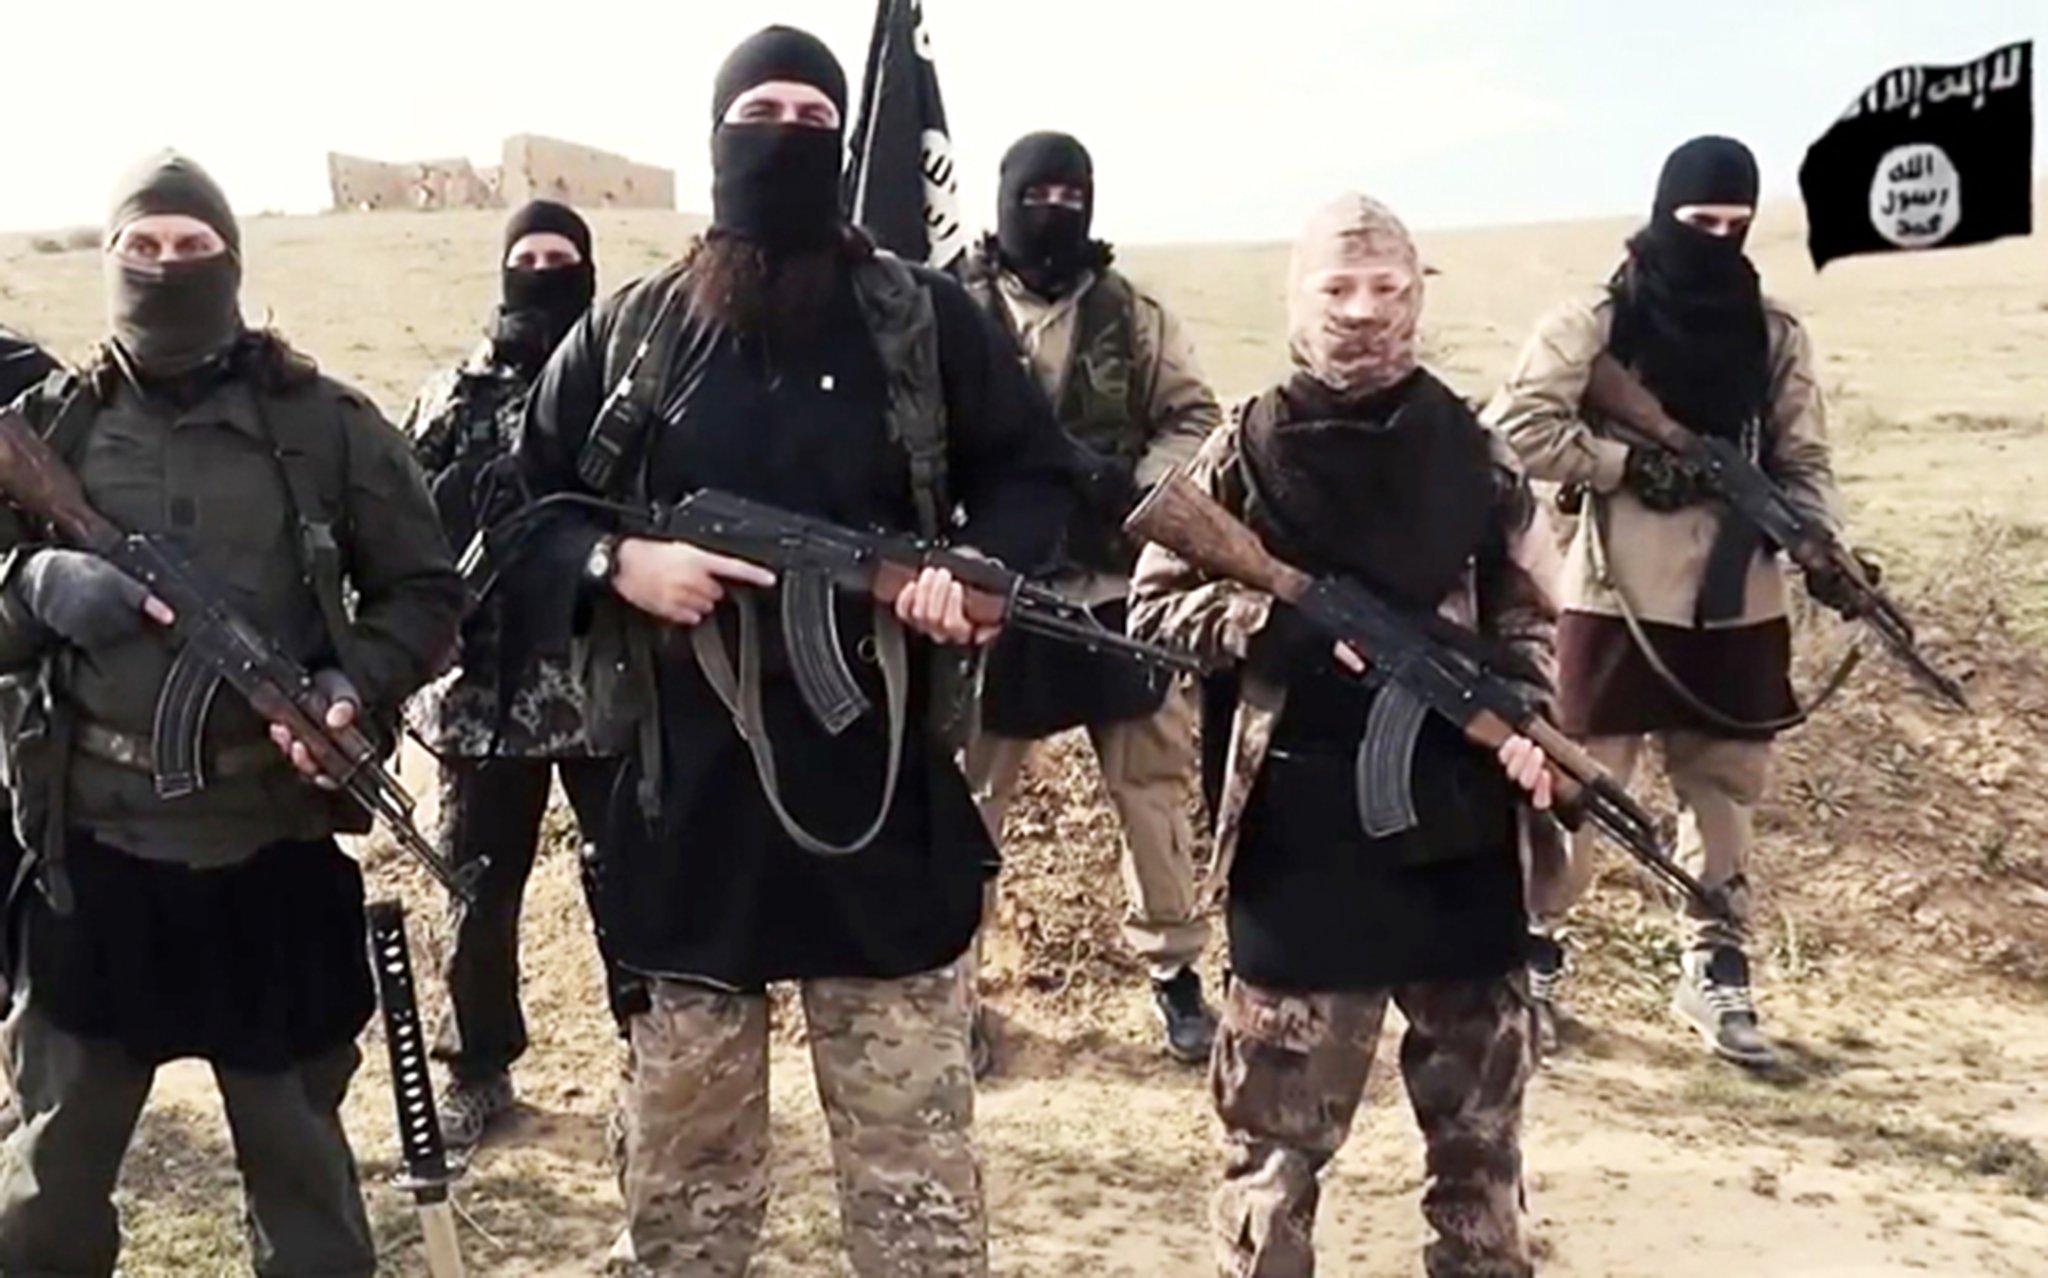 Polska bezpieczna według ISIS